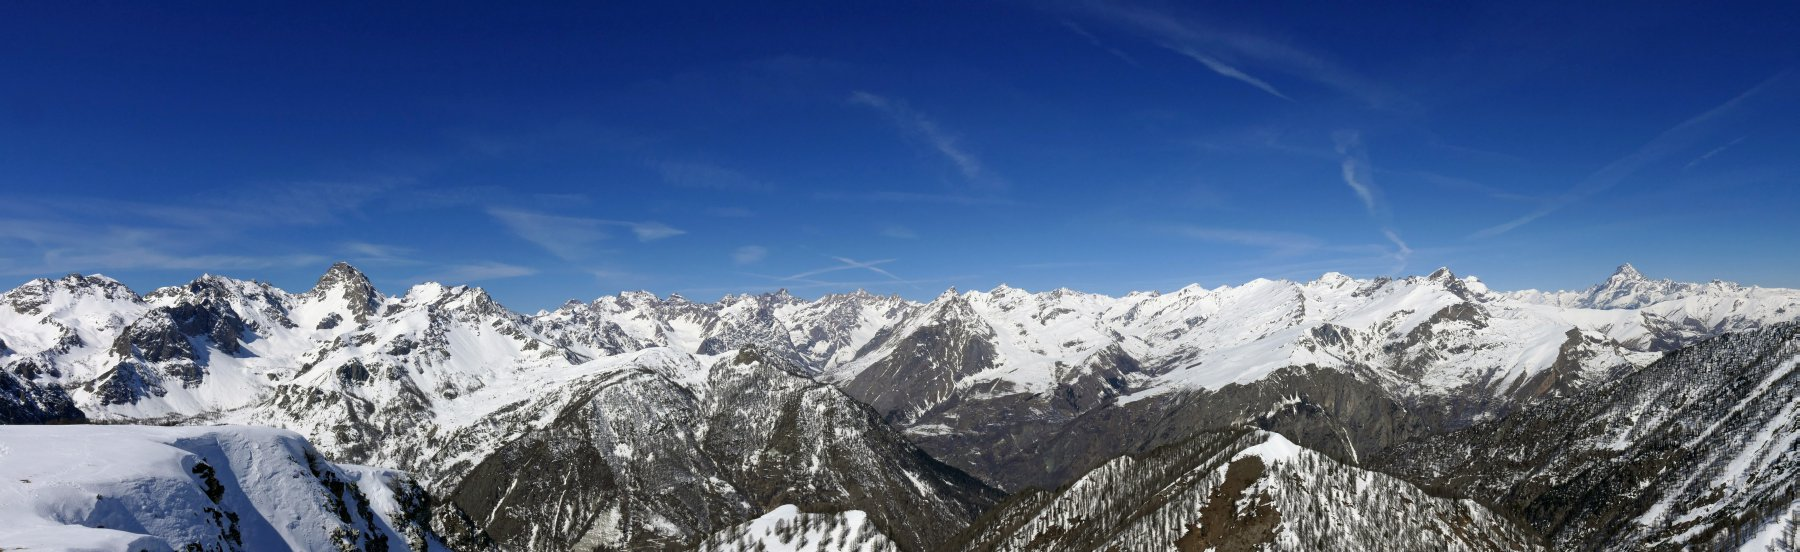 Dalla cima: panoramica dall'Oronaye al Monviso